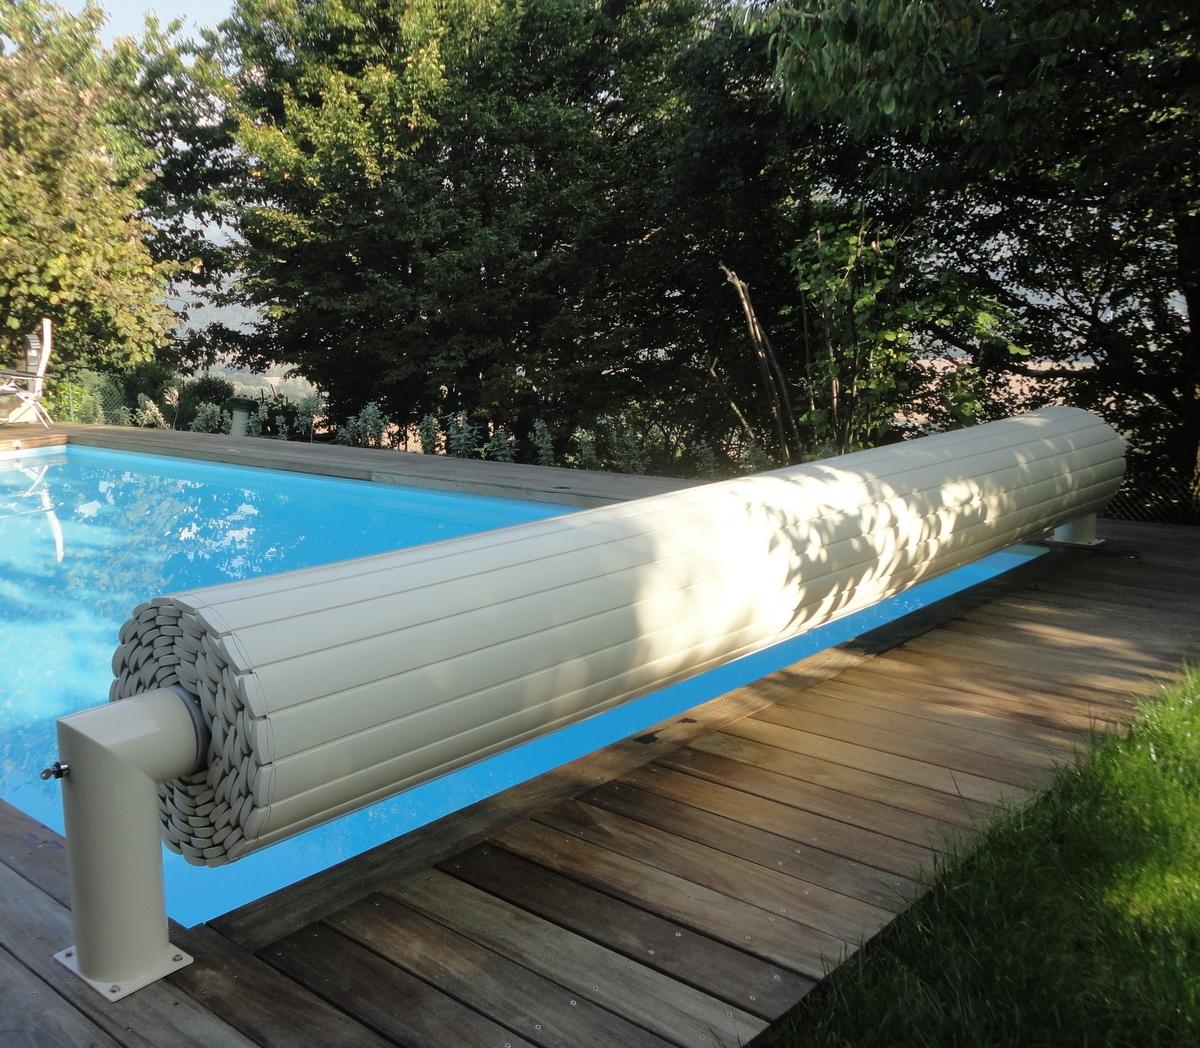 couverture lectrique de piscine rideau de piscine lectrique. Black Bedroom Furniture Sets. Home Design Ideas